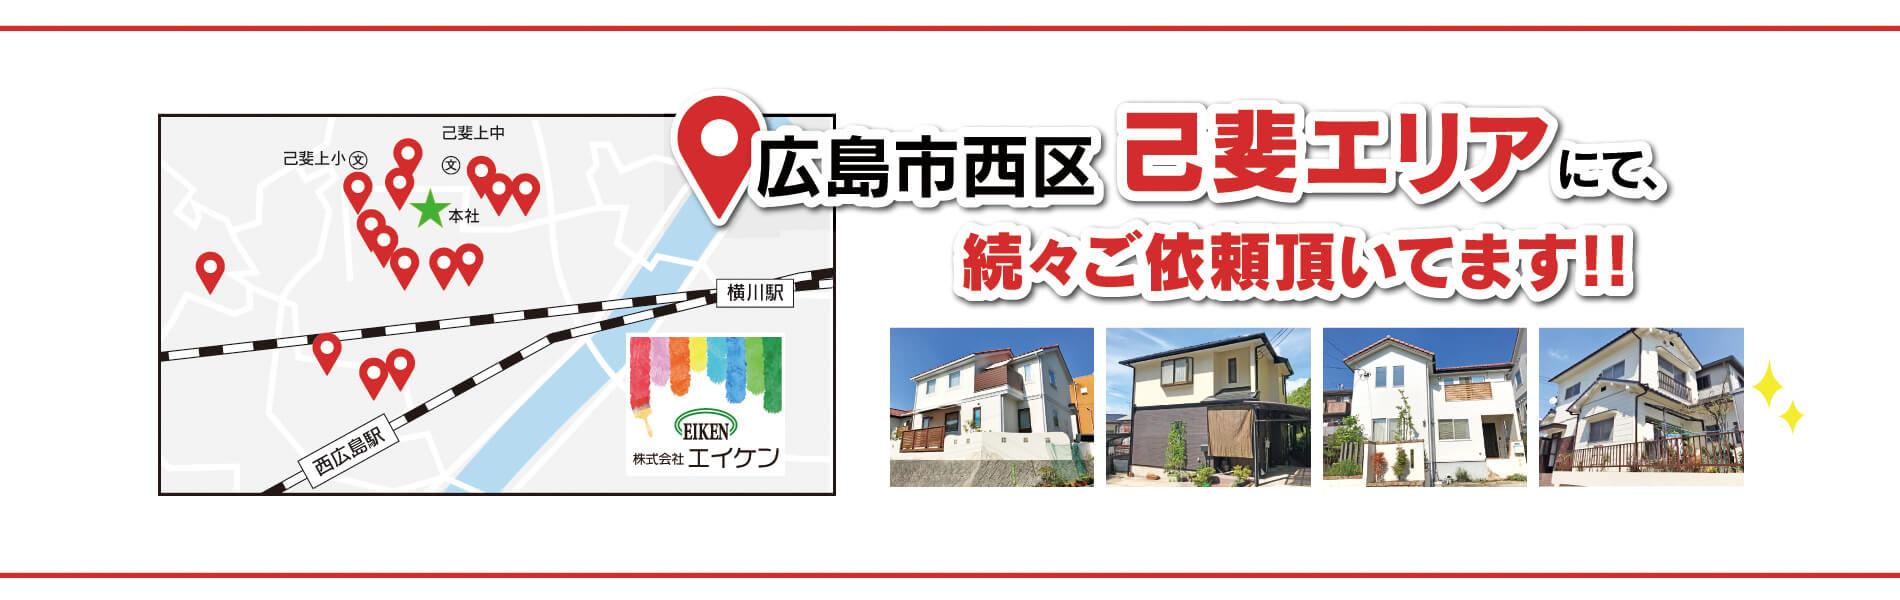 広島市西区己斐エリアにて、続々ご依頼頂いています!